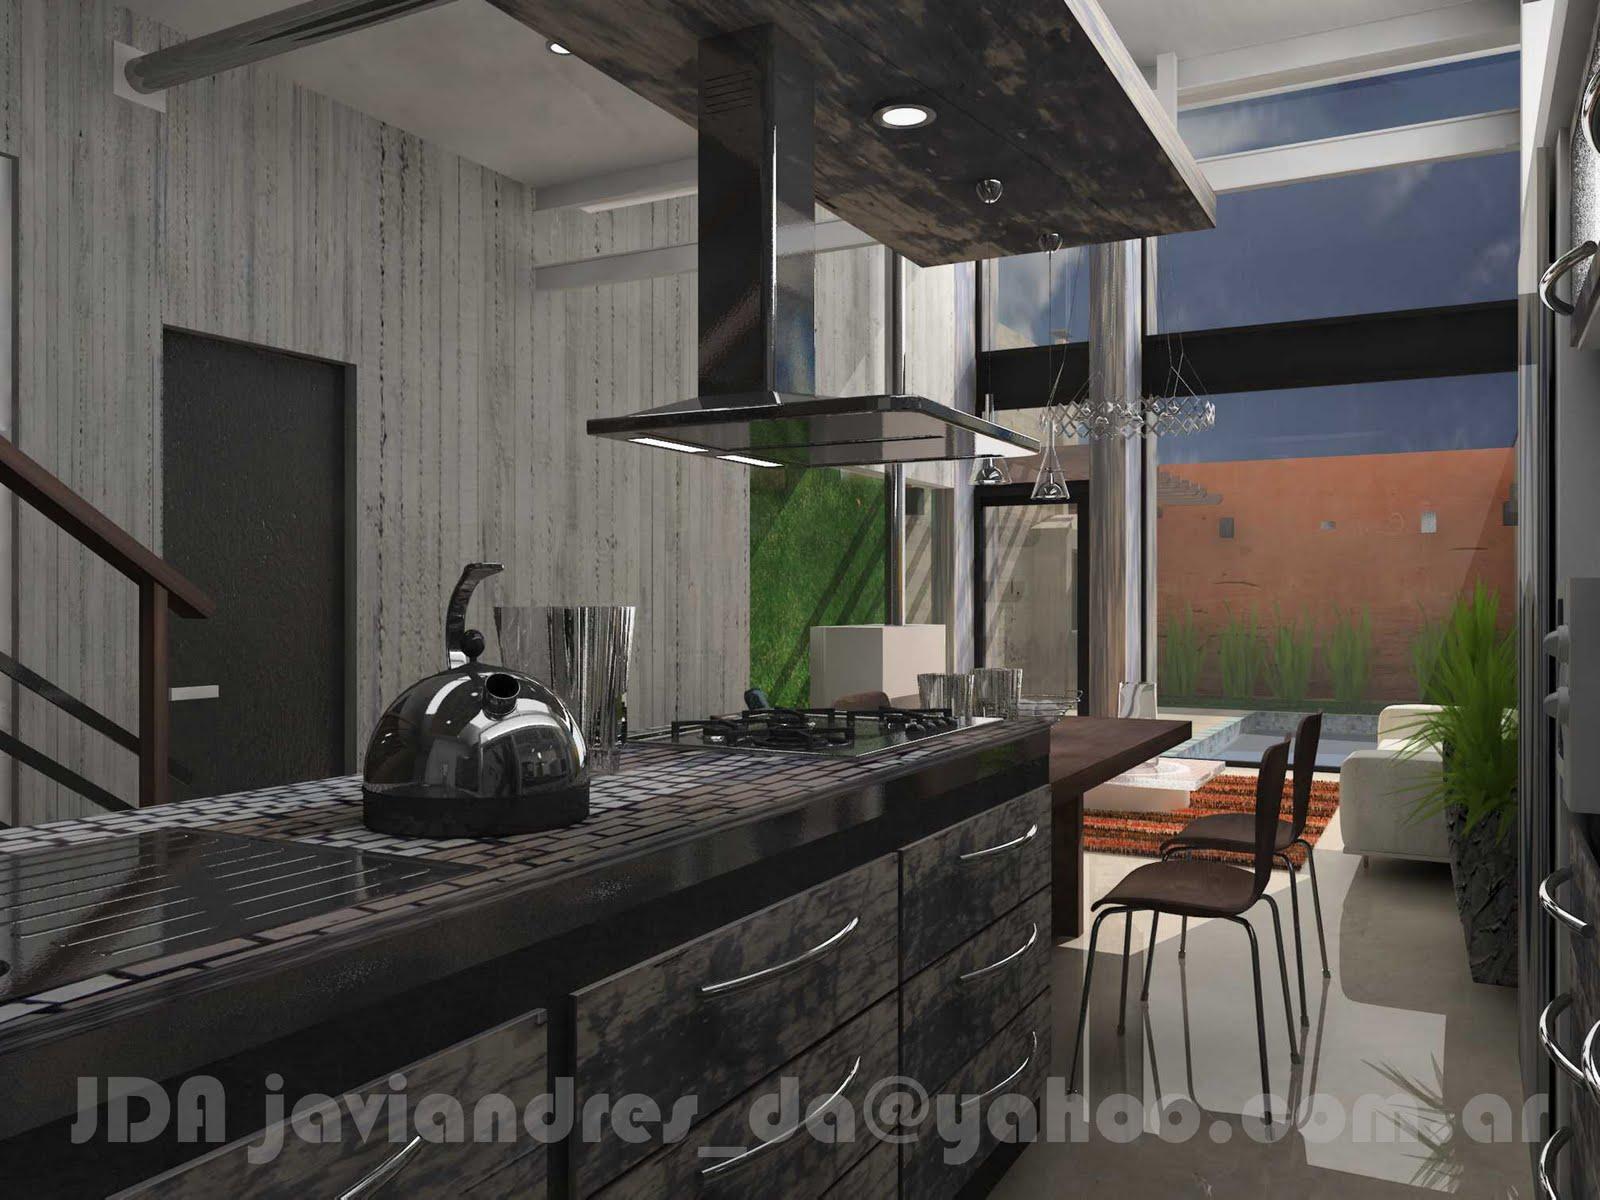 Arquitec maquetas dise o de interiores 3d r stico y urbano for Diseno interiores 3d